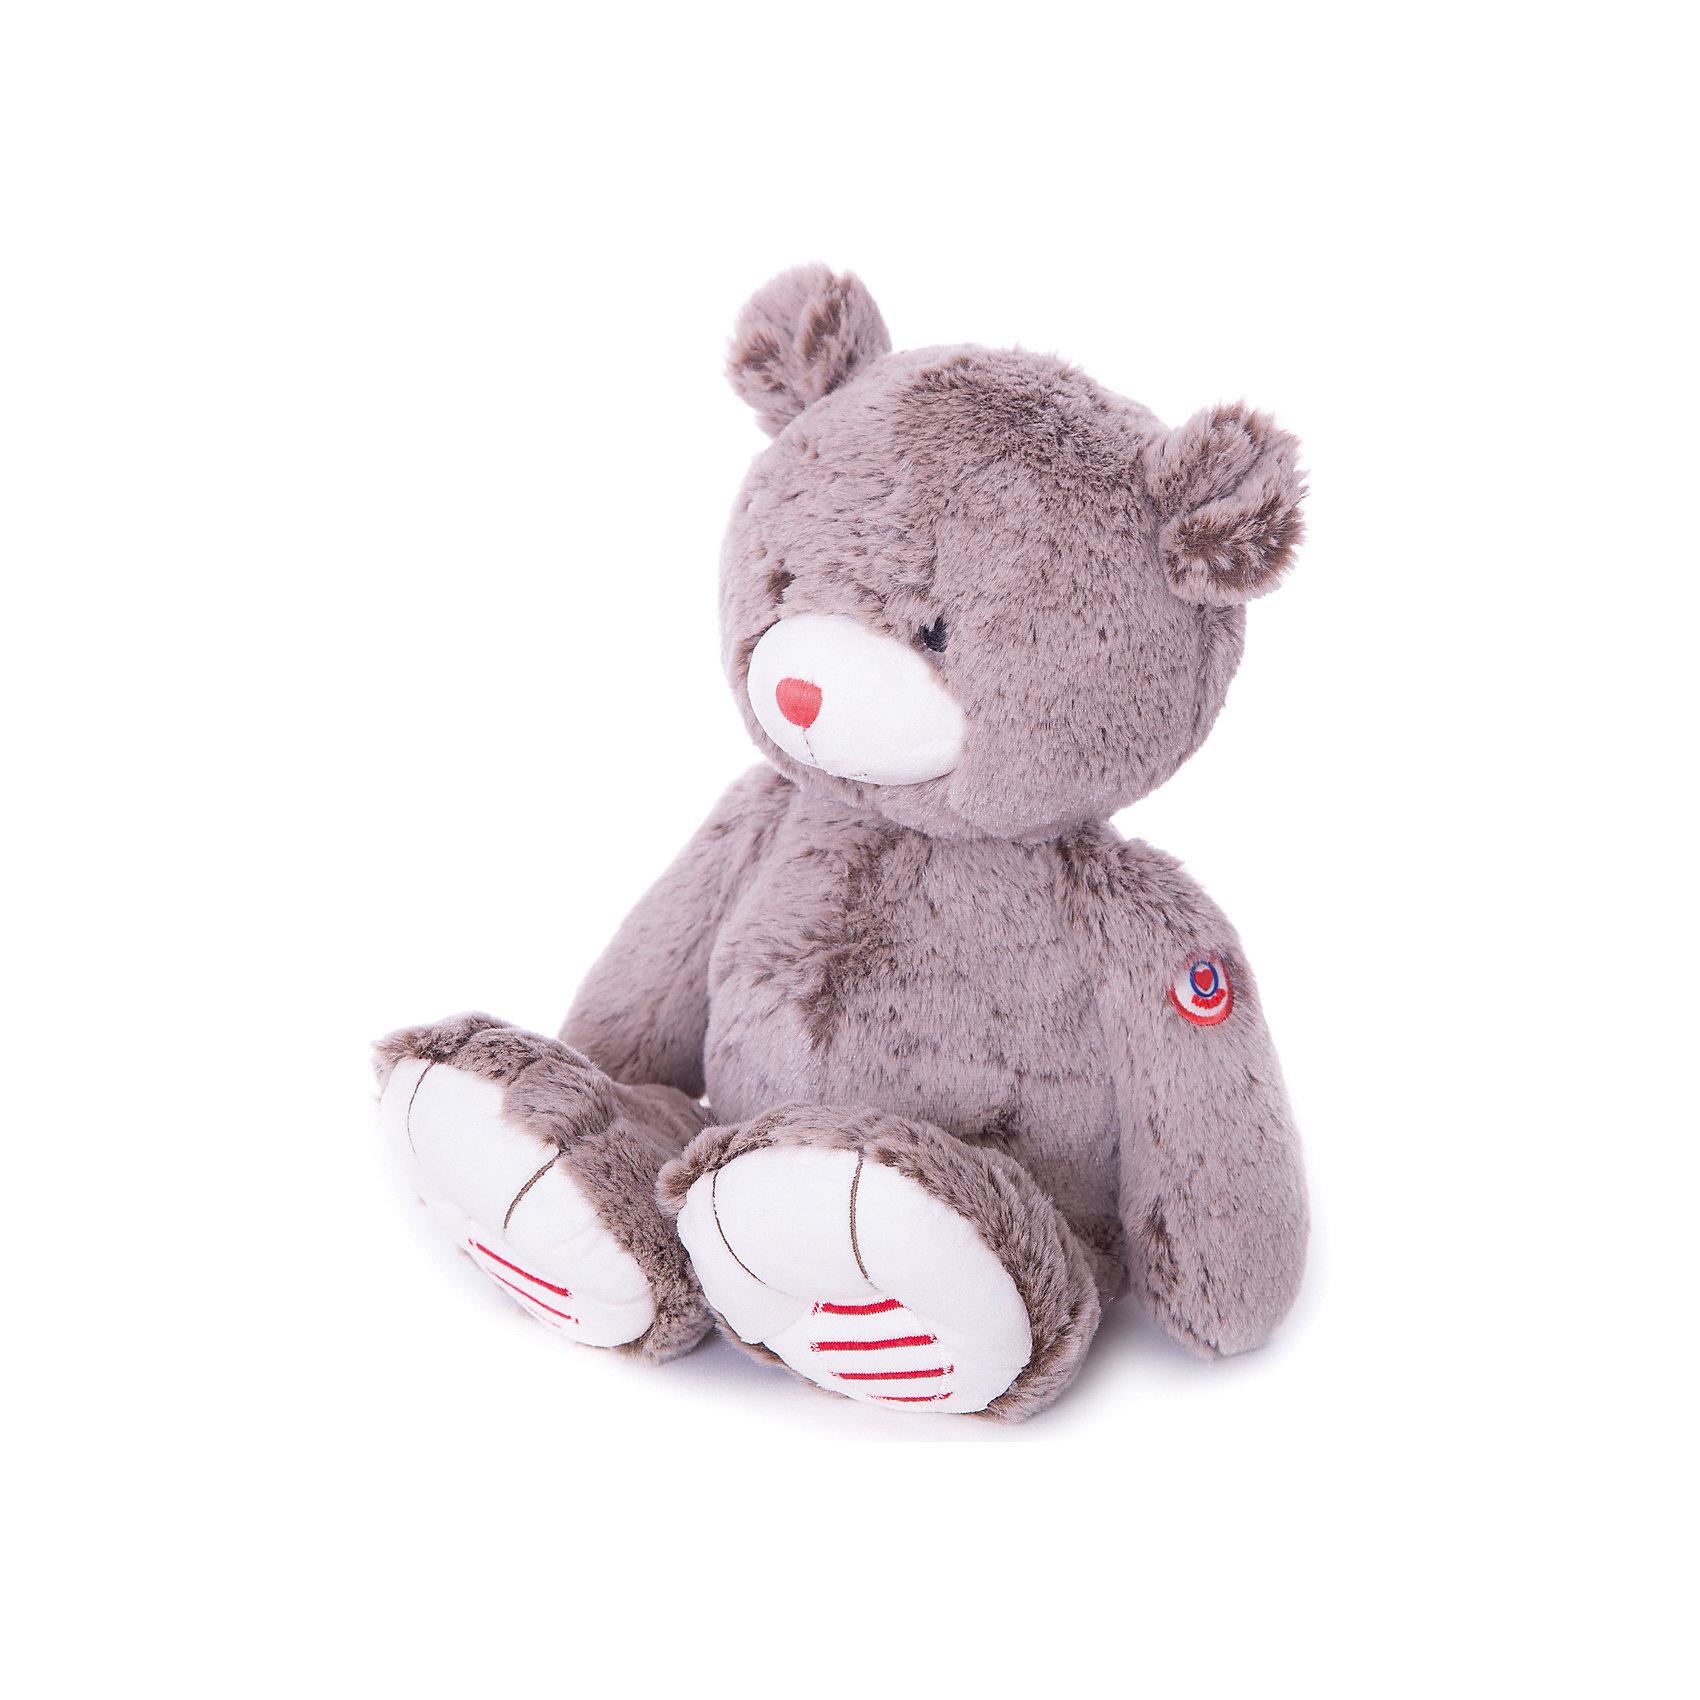 Мишка большой шоколадный, коллекция Руж, KalooИгрушка Kaloo, выполненная в виде милого медвежонка коричневого цвета, вызовет умиление и улыбку у любого ребенка. <br>Носик медведя красного цвета, а лапки декорированы красно-белыми полосочками, высококачественный плюш, из которого изготовлена игрушка, приятен на ощупь и износостоек.<br><br>Дополнительная информация:<br><br>-Материал: ткань, искусственный мех<br>-Высота игрушки: 38 см<br><br>Большого шоколадного мишку, коллекции Руж, Kaloo можно купить в нашем интернет-магазине.<br><br>Ширина мм: 130<br>Глубина мм: 170<br>Высота мм: 380<br>Вес г: 400<br>Возраст от месяцев: 0<br>Возраст до месяцев: 1188<br>Пол: Унисекс<br>Возраст: Детский<br>SKU: 4862343